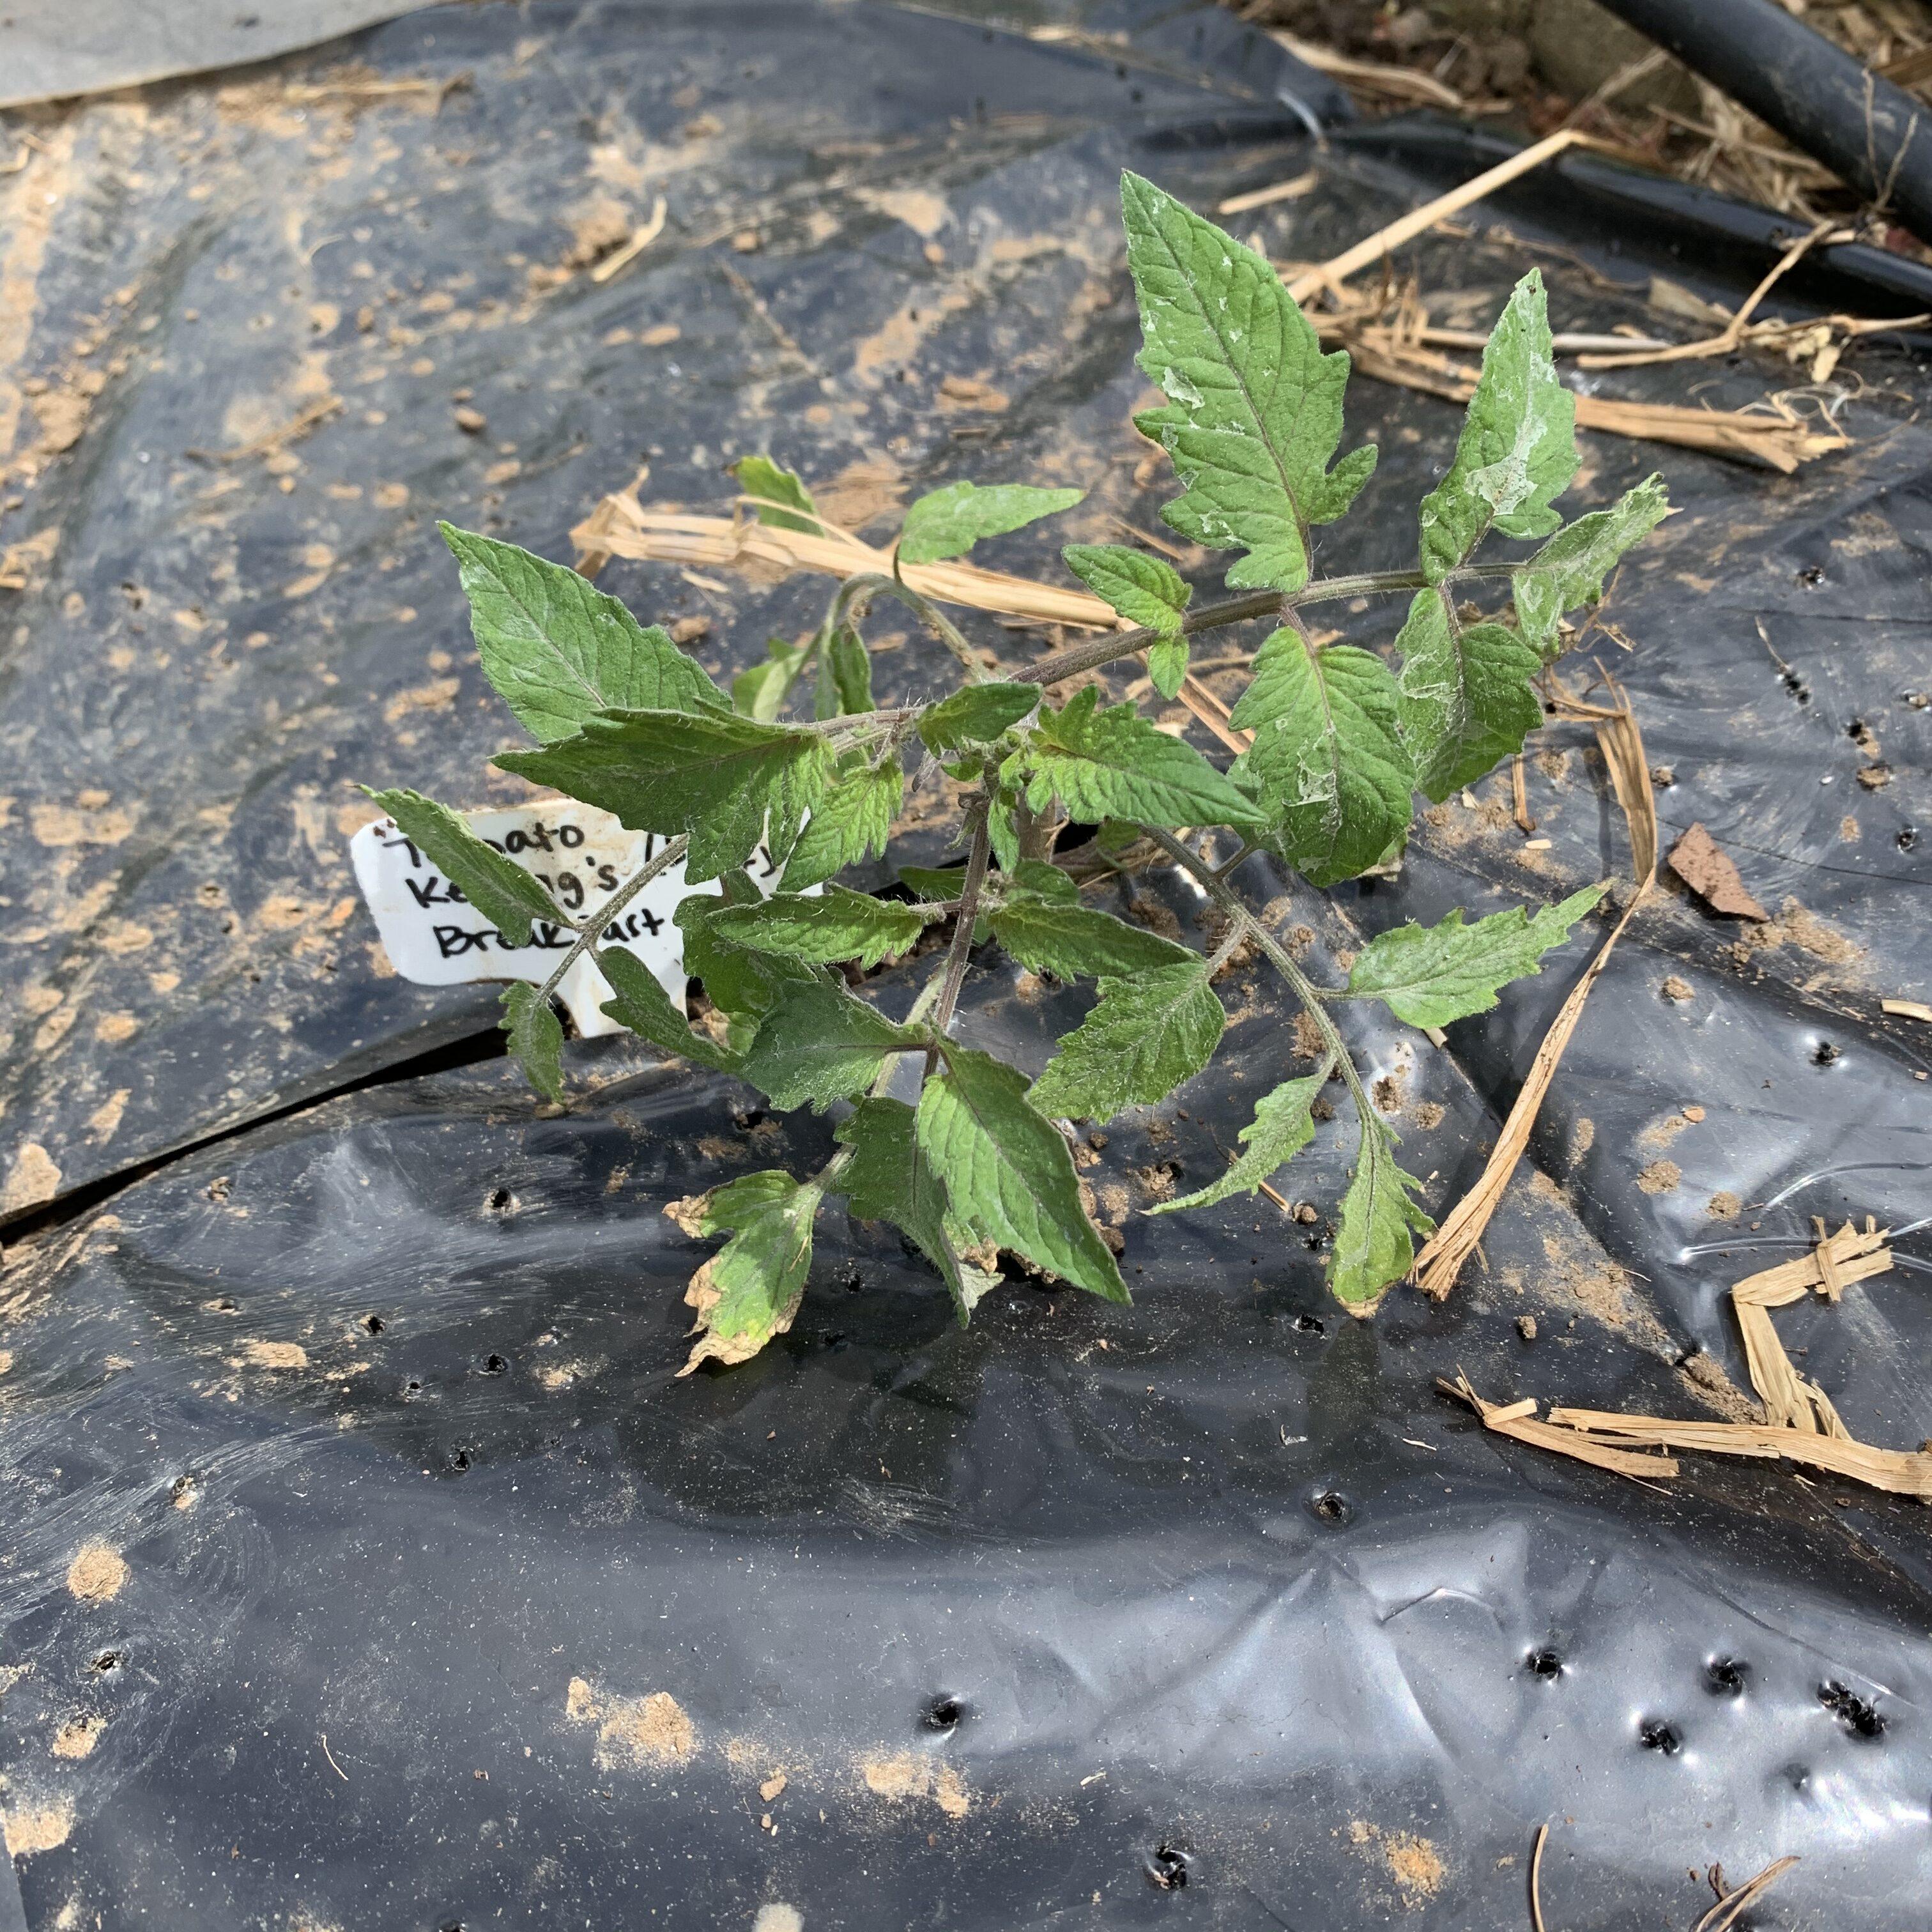 7102264E CF9A 4559 9F80 2A4F1C2C9DF6 Tomato planting day!